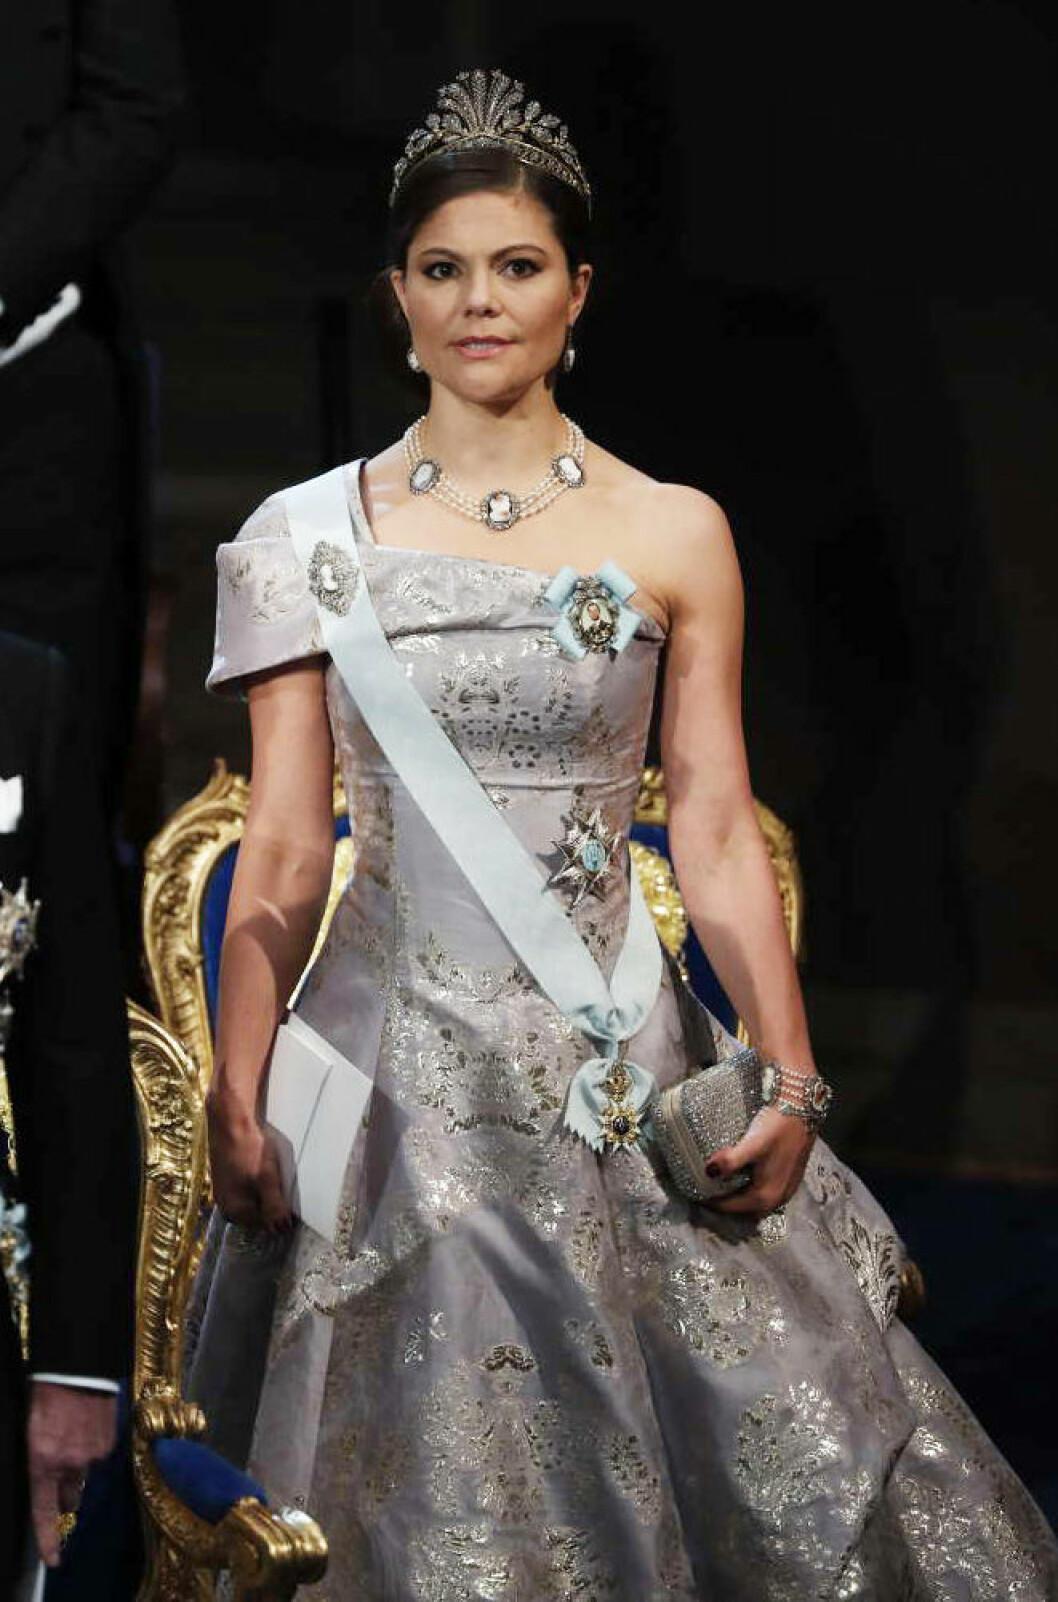 Kronprinsessan Victoria i en klänning från H&M.